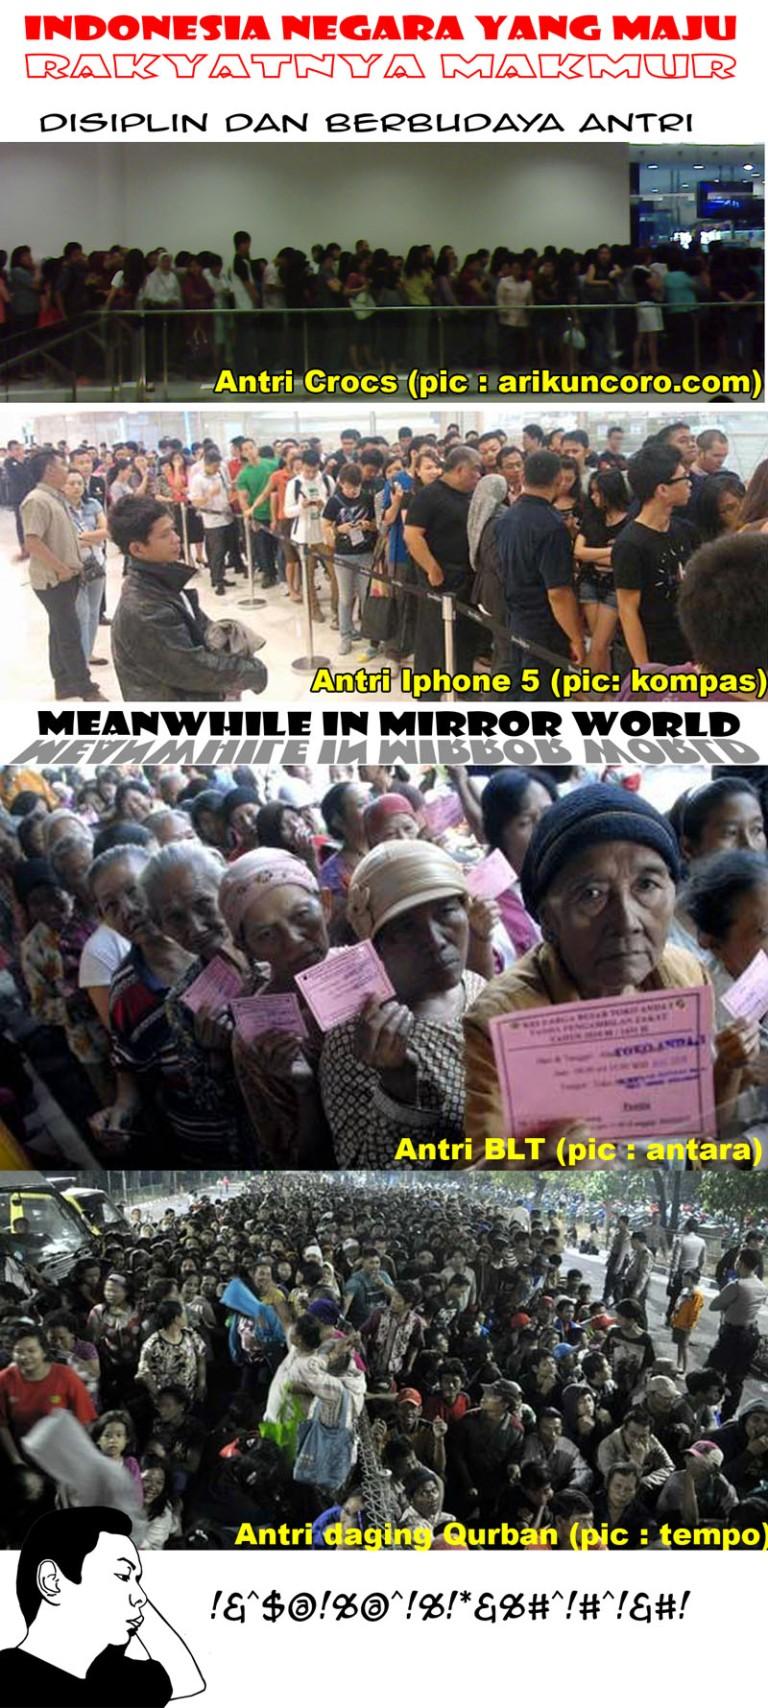 Antriiiii di Indonesia